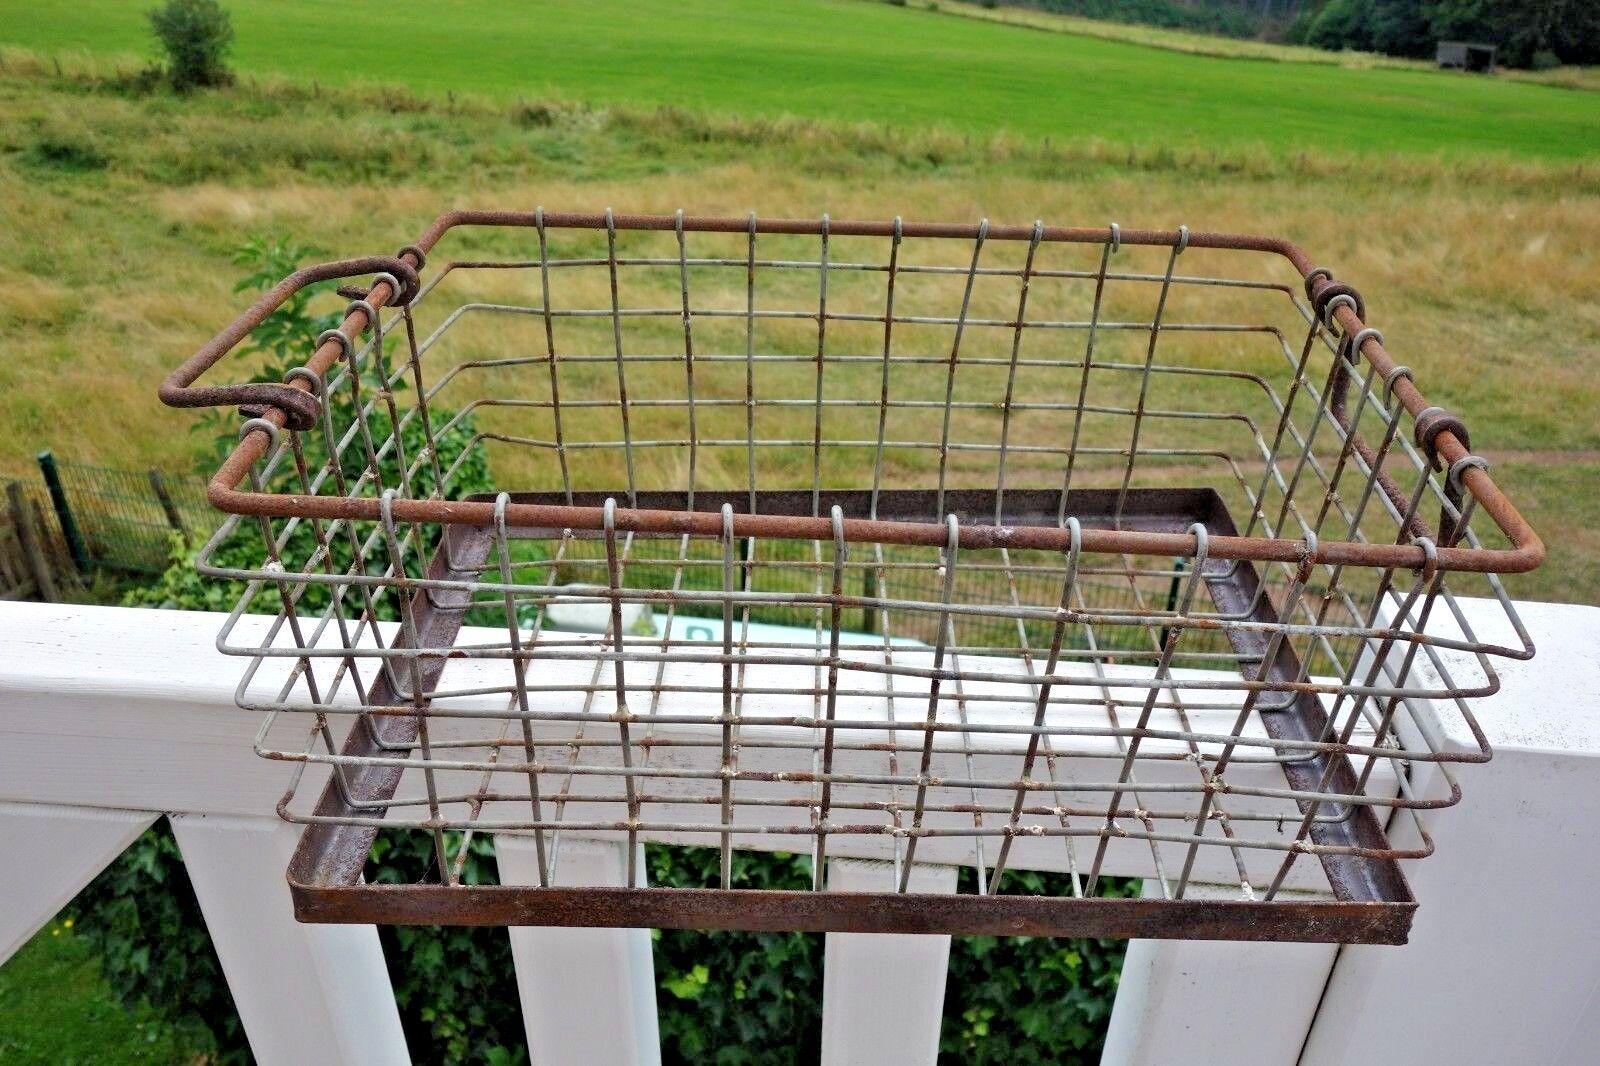 Shabby Deko Deko Deko Korb Wohnbereich Küche Haus Garten Retro Eisen Rost 18 x40 x25cm NEU | Sonderangebot  c66131